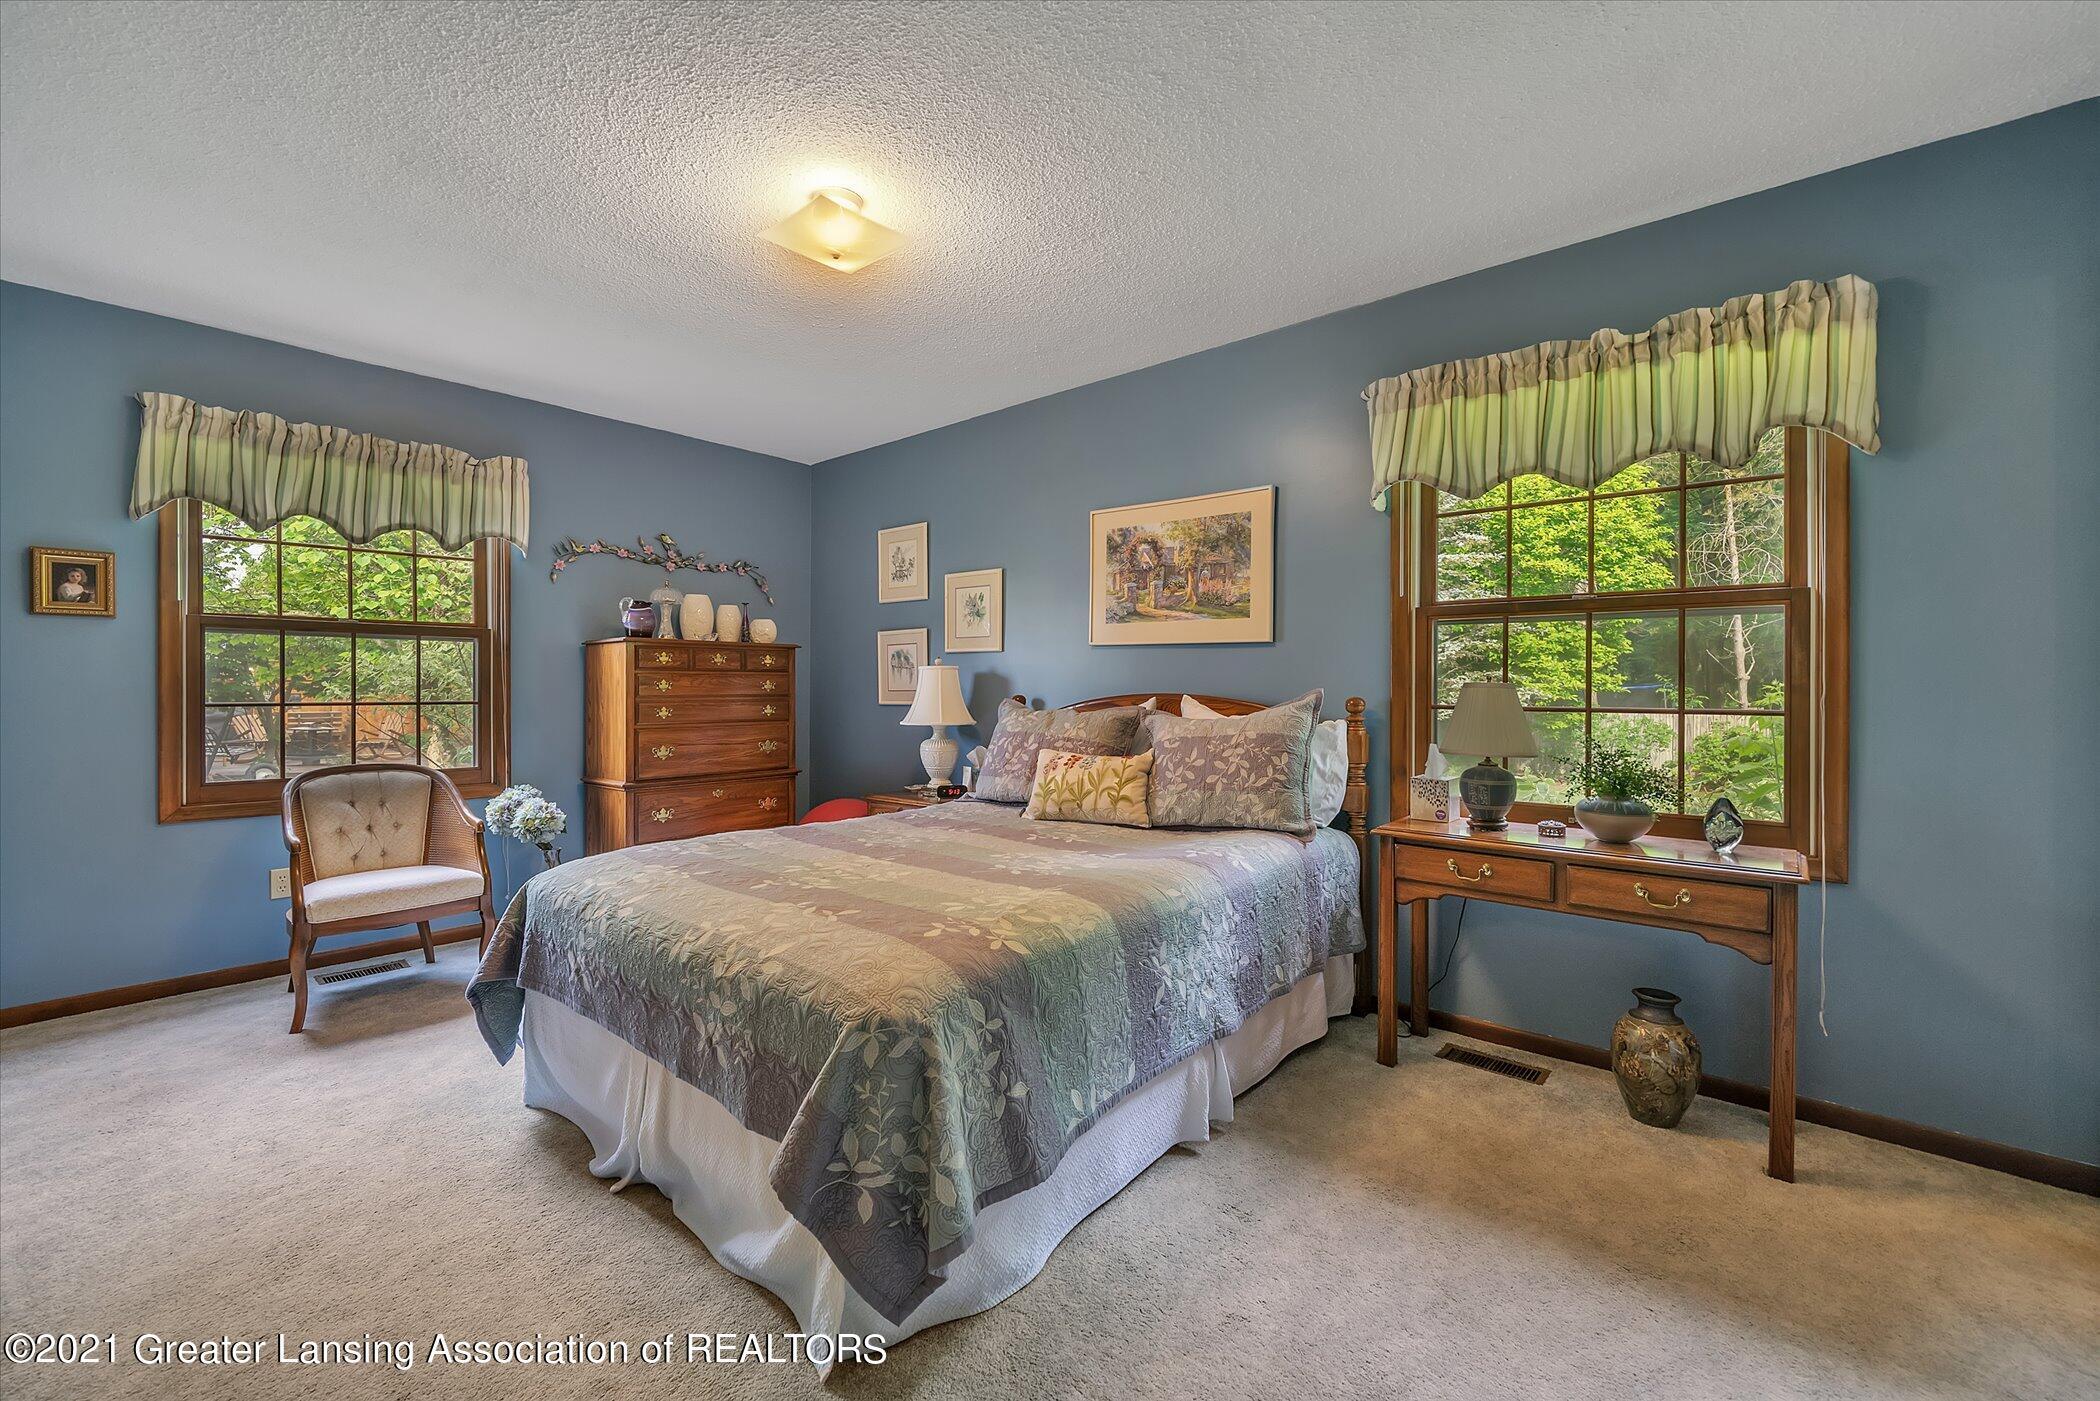 5556 Wood Valley Dr - (12) MAIN FLOOR Primary Bedroom - 12